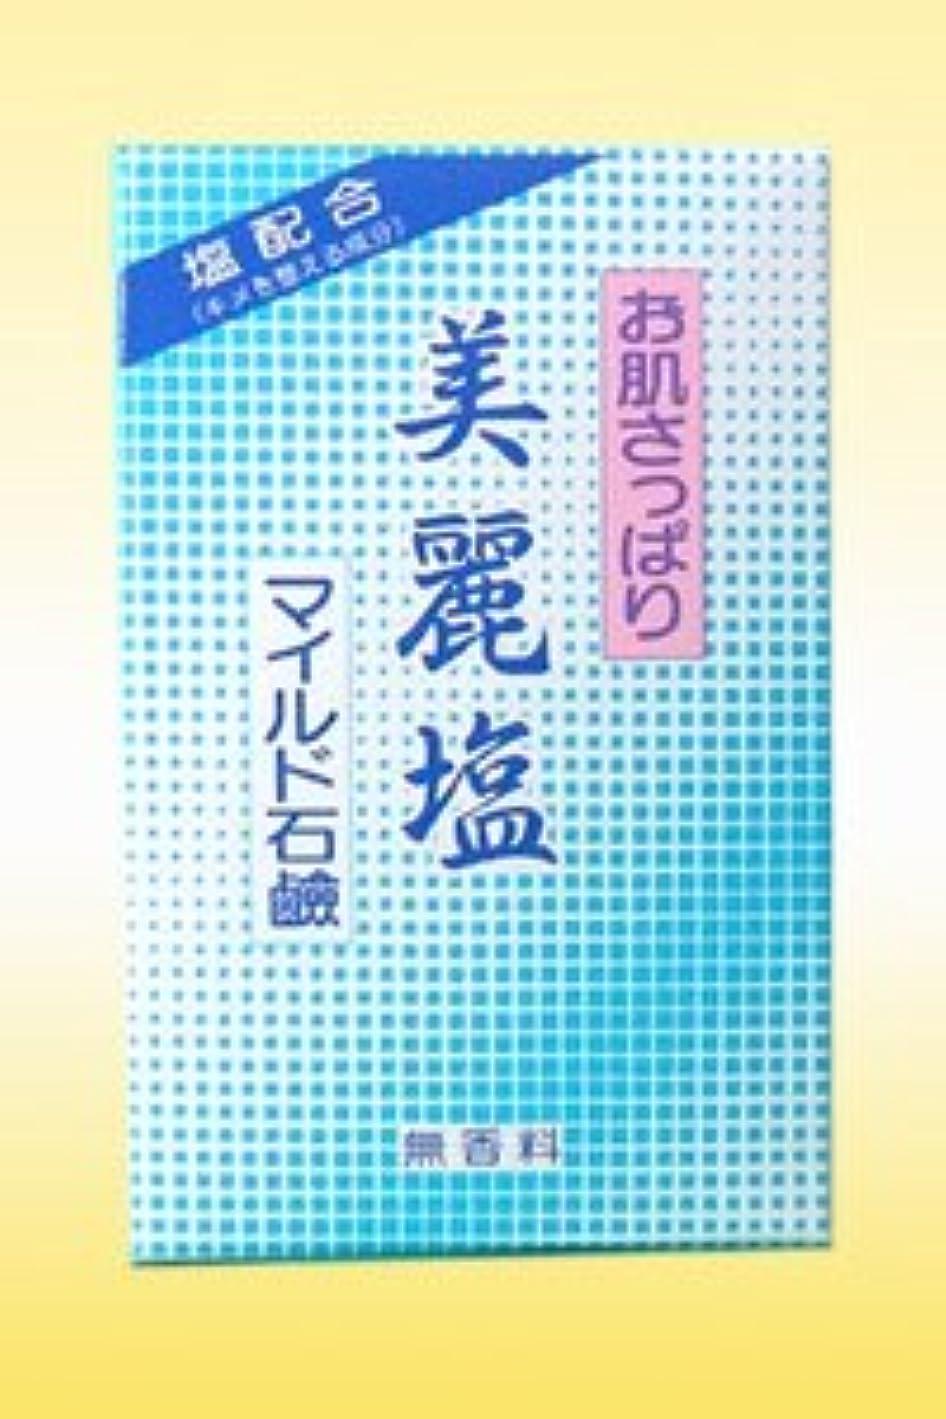 変えるメッセンジャー安全なニード美麗塩マイルド石鹸(95g)キメを整える成分:塩配合の無香料石鹸